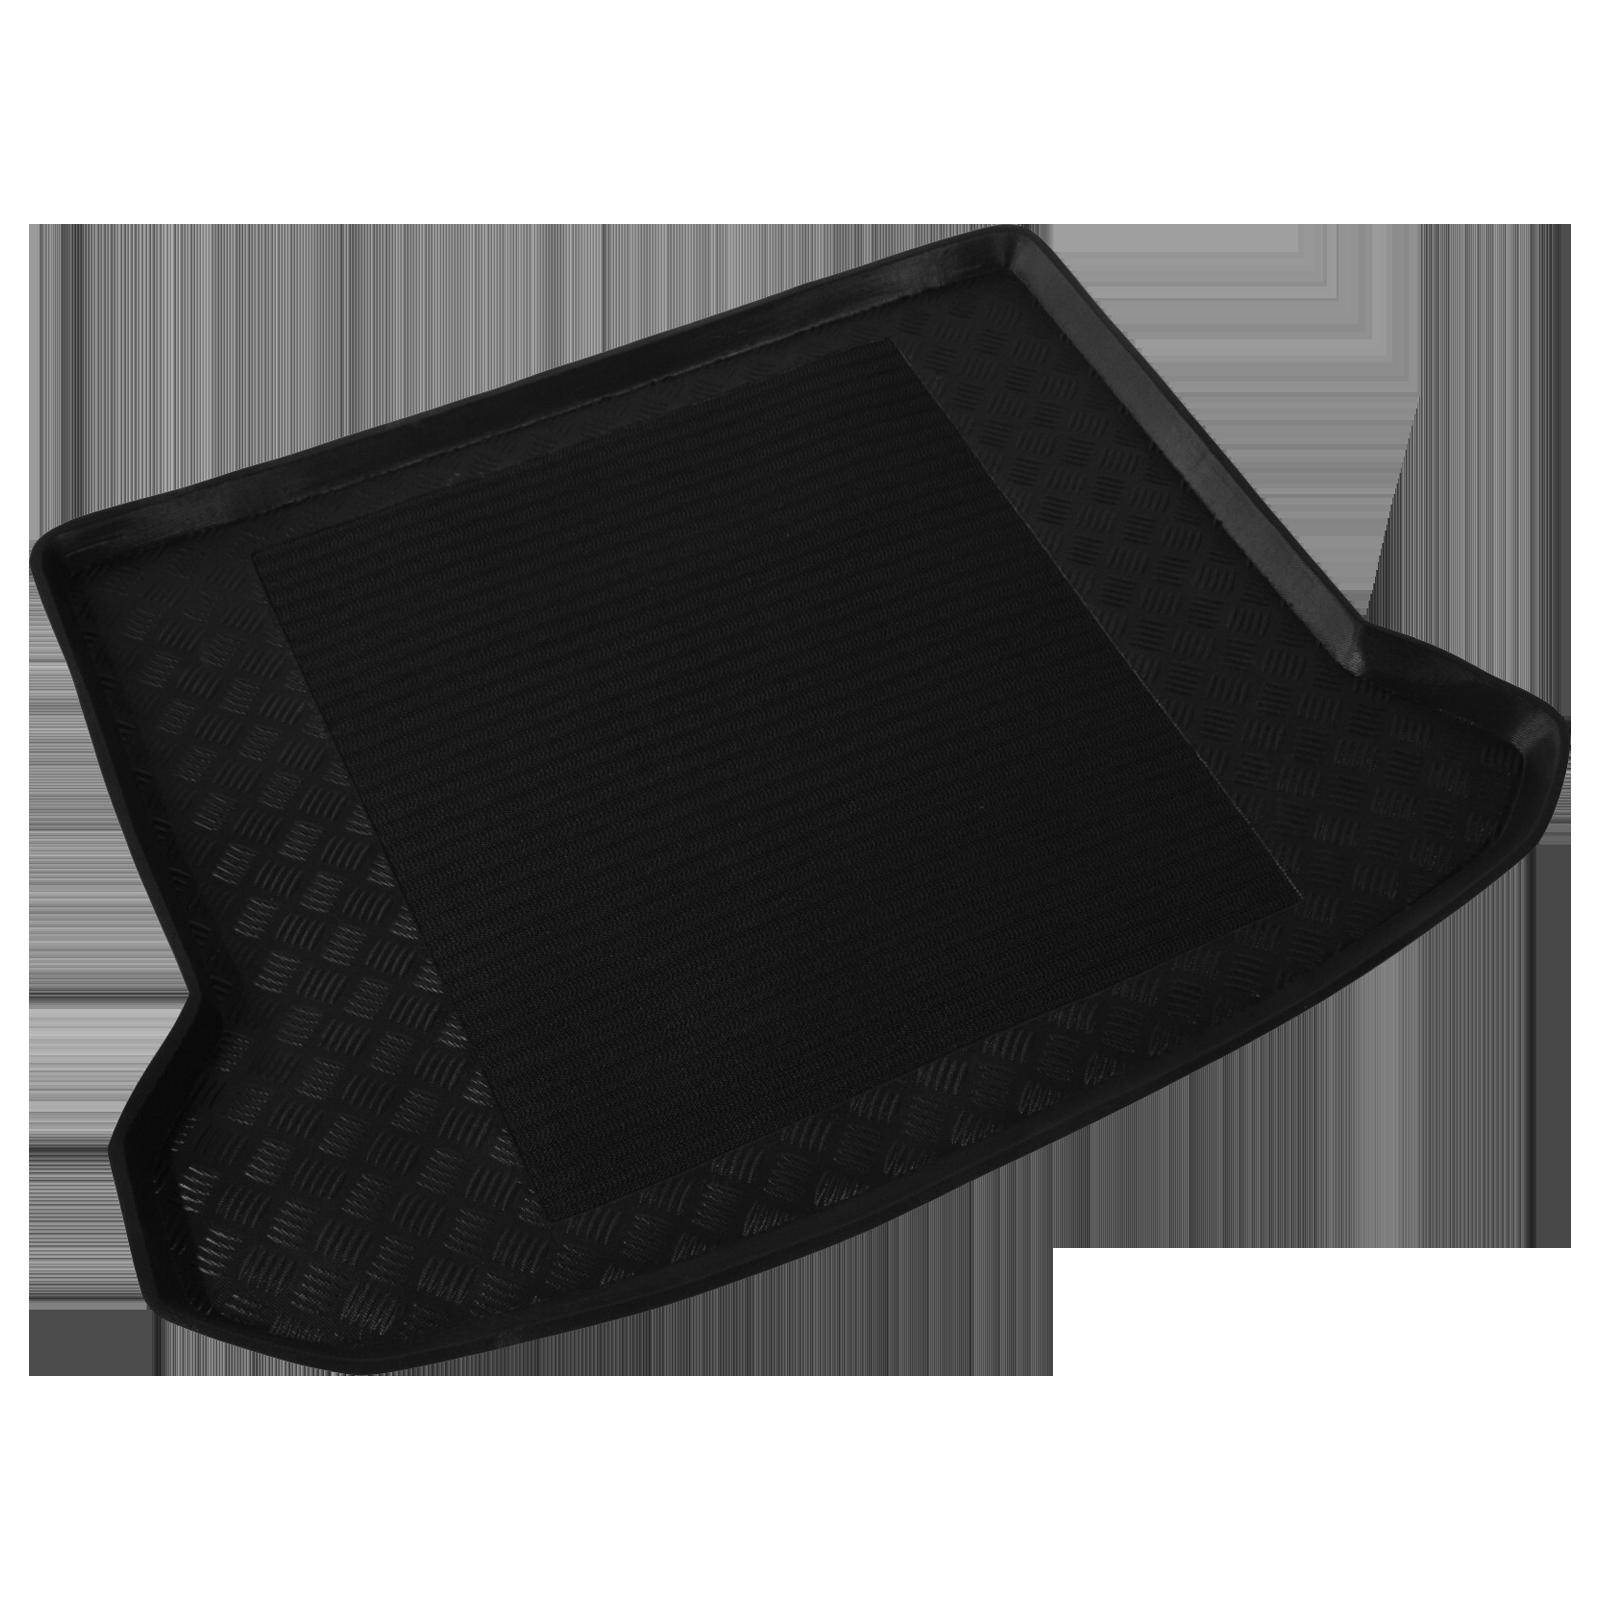 kofferraumwanne schwarz f r volvo xc60 bj. Black Bedroom Furniture Sets. Home Design Ideas